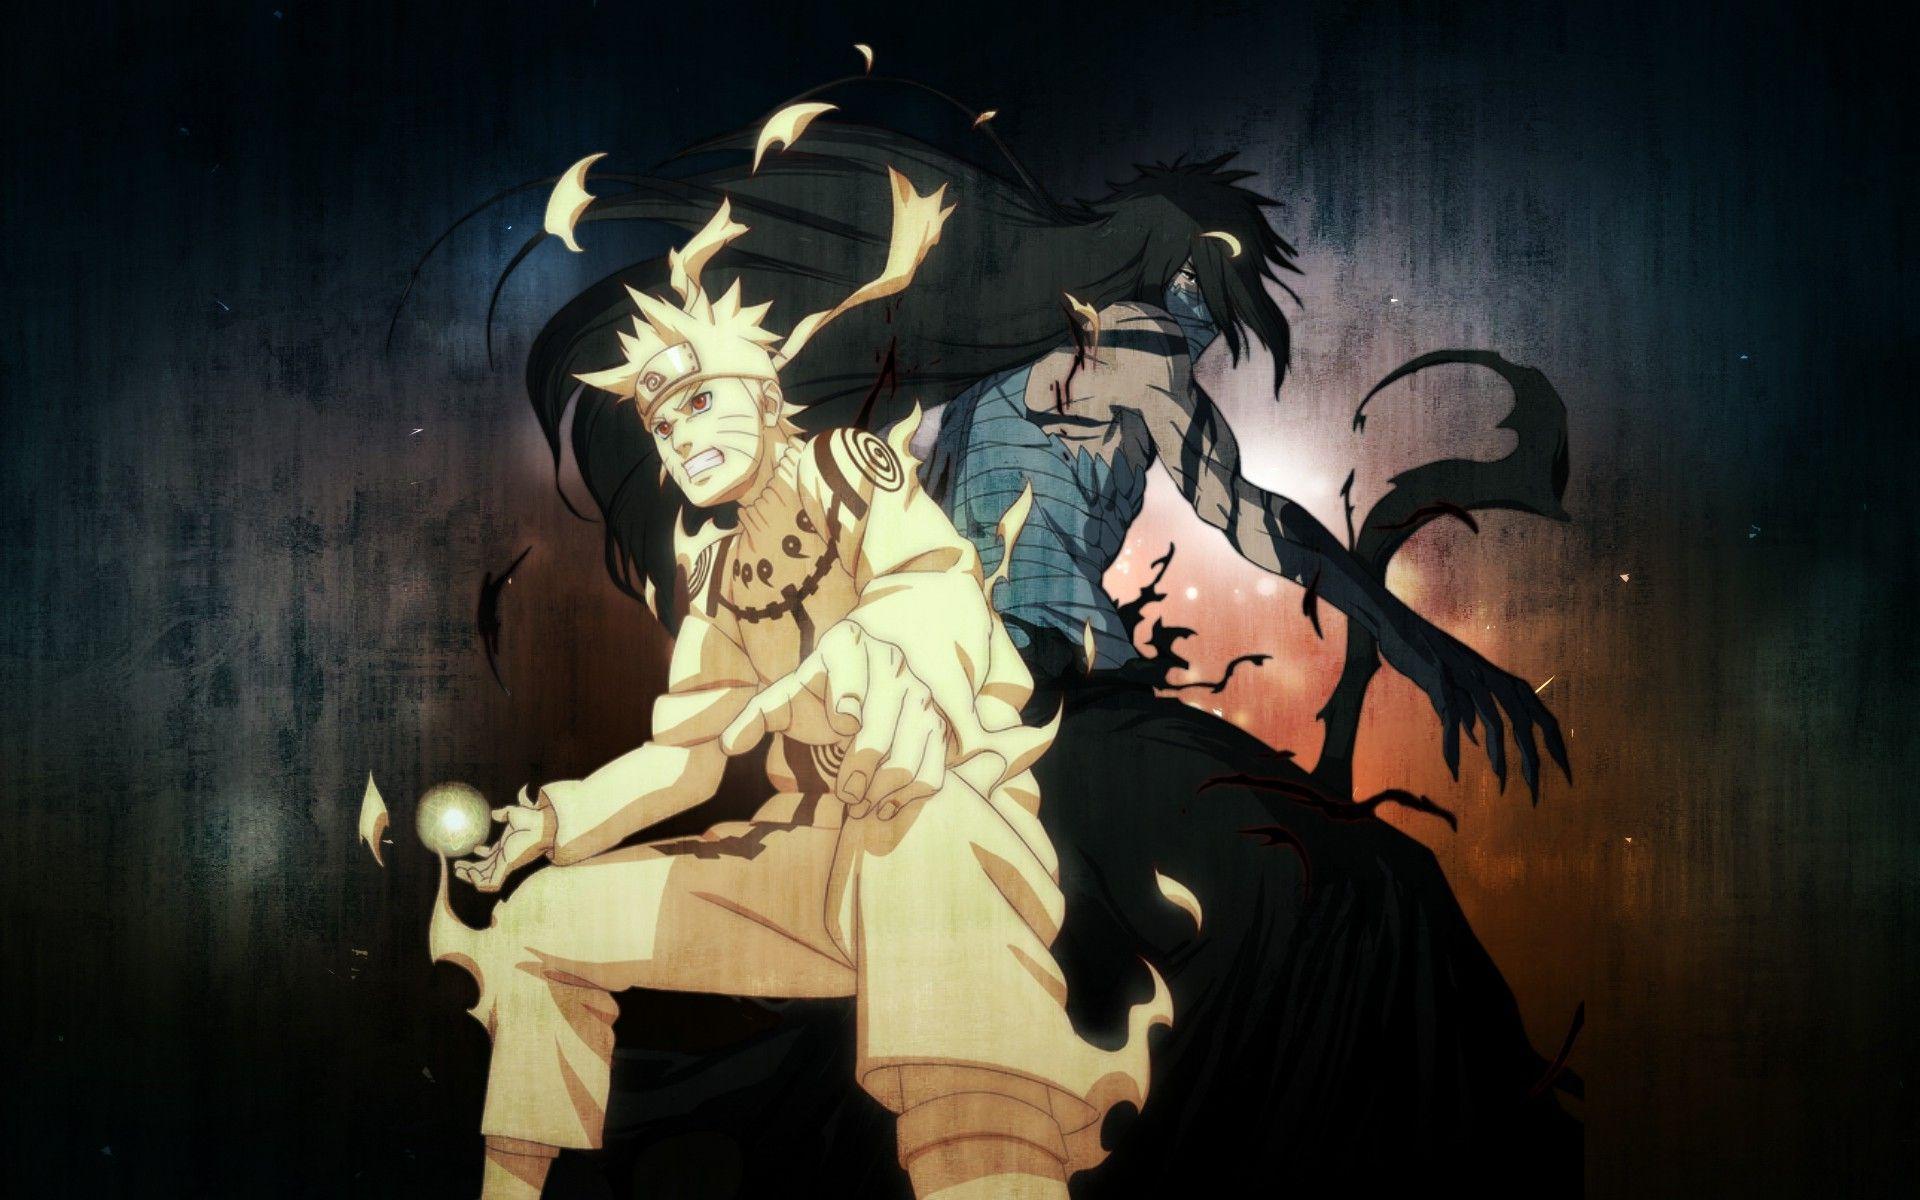 74+] Cool Naruto Wallpapers Hd on WallpaperSafari